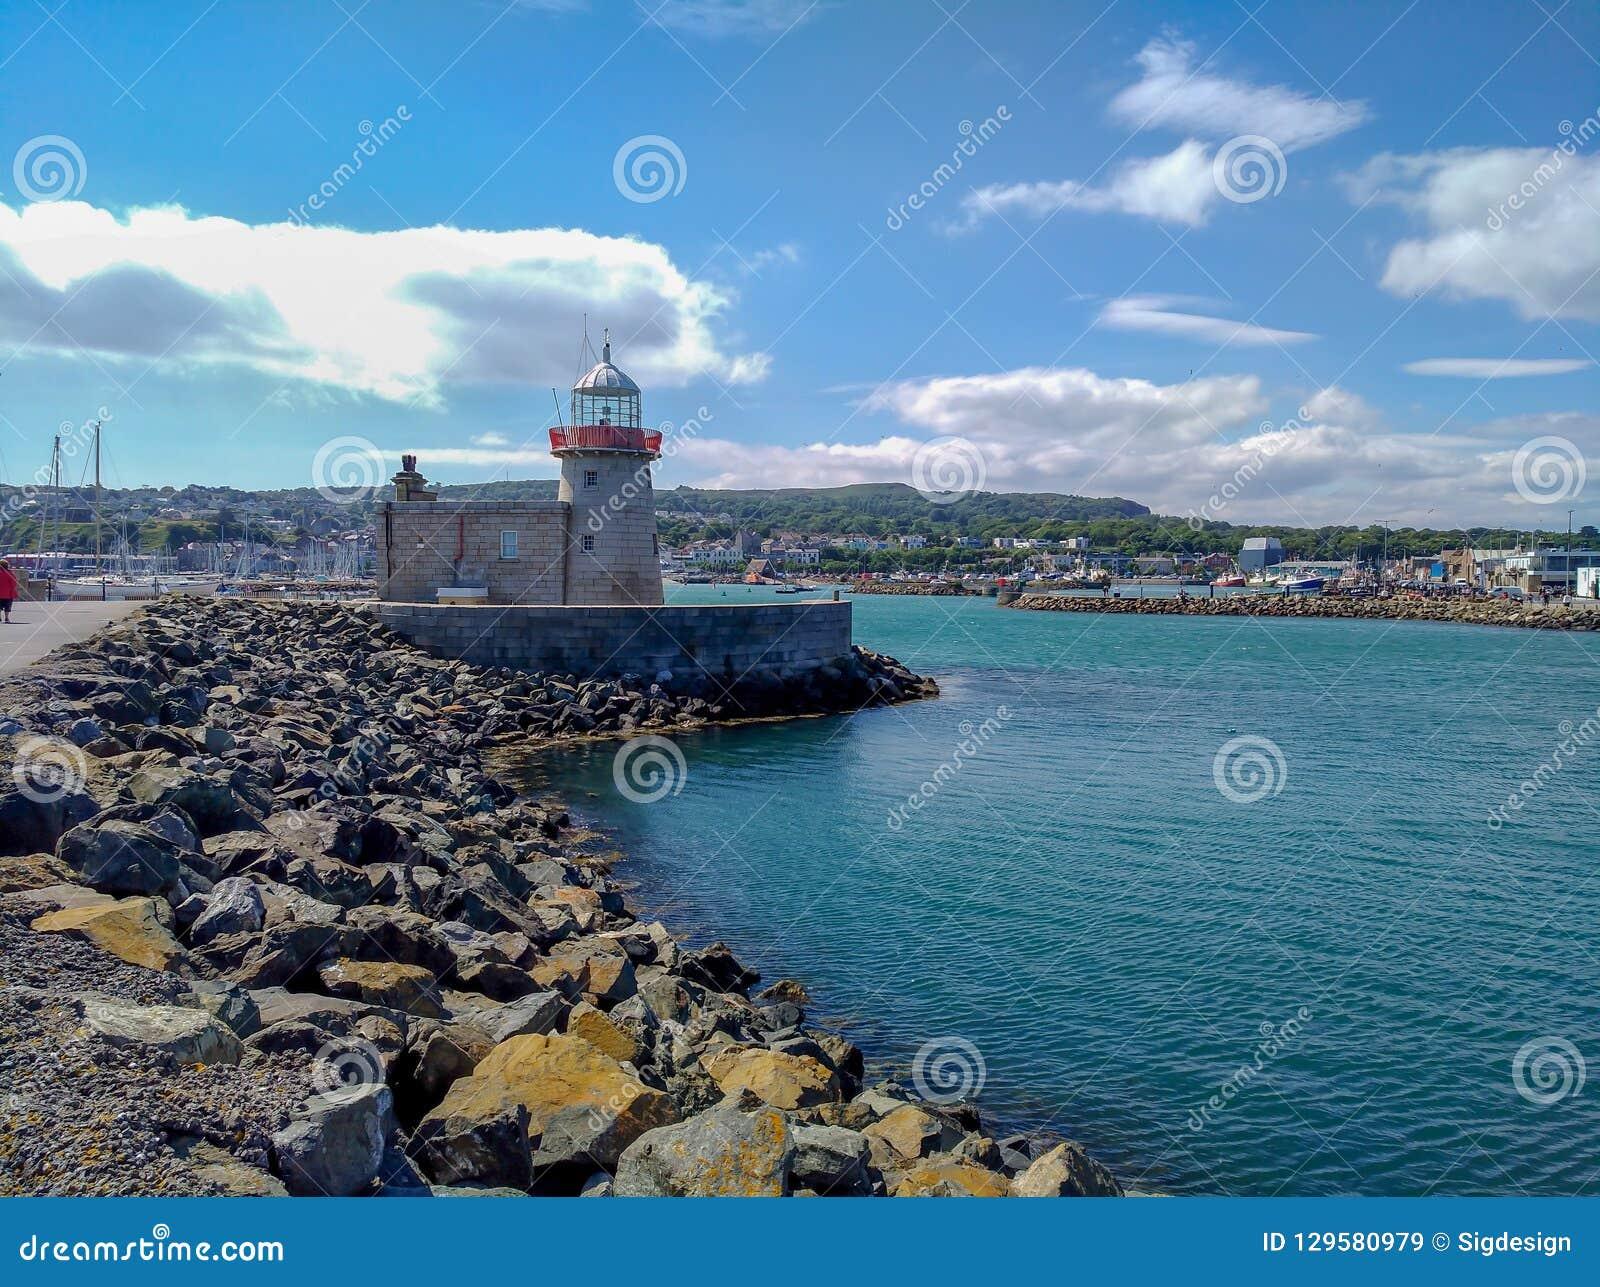 Howth港口老灯塔和海洋,都伯林爱尔兰在旅行之外的夏日